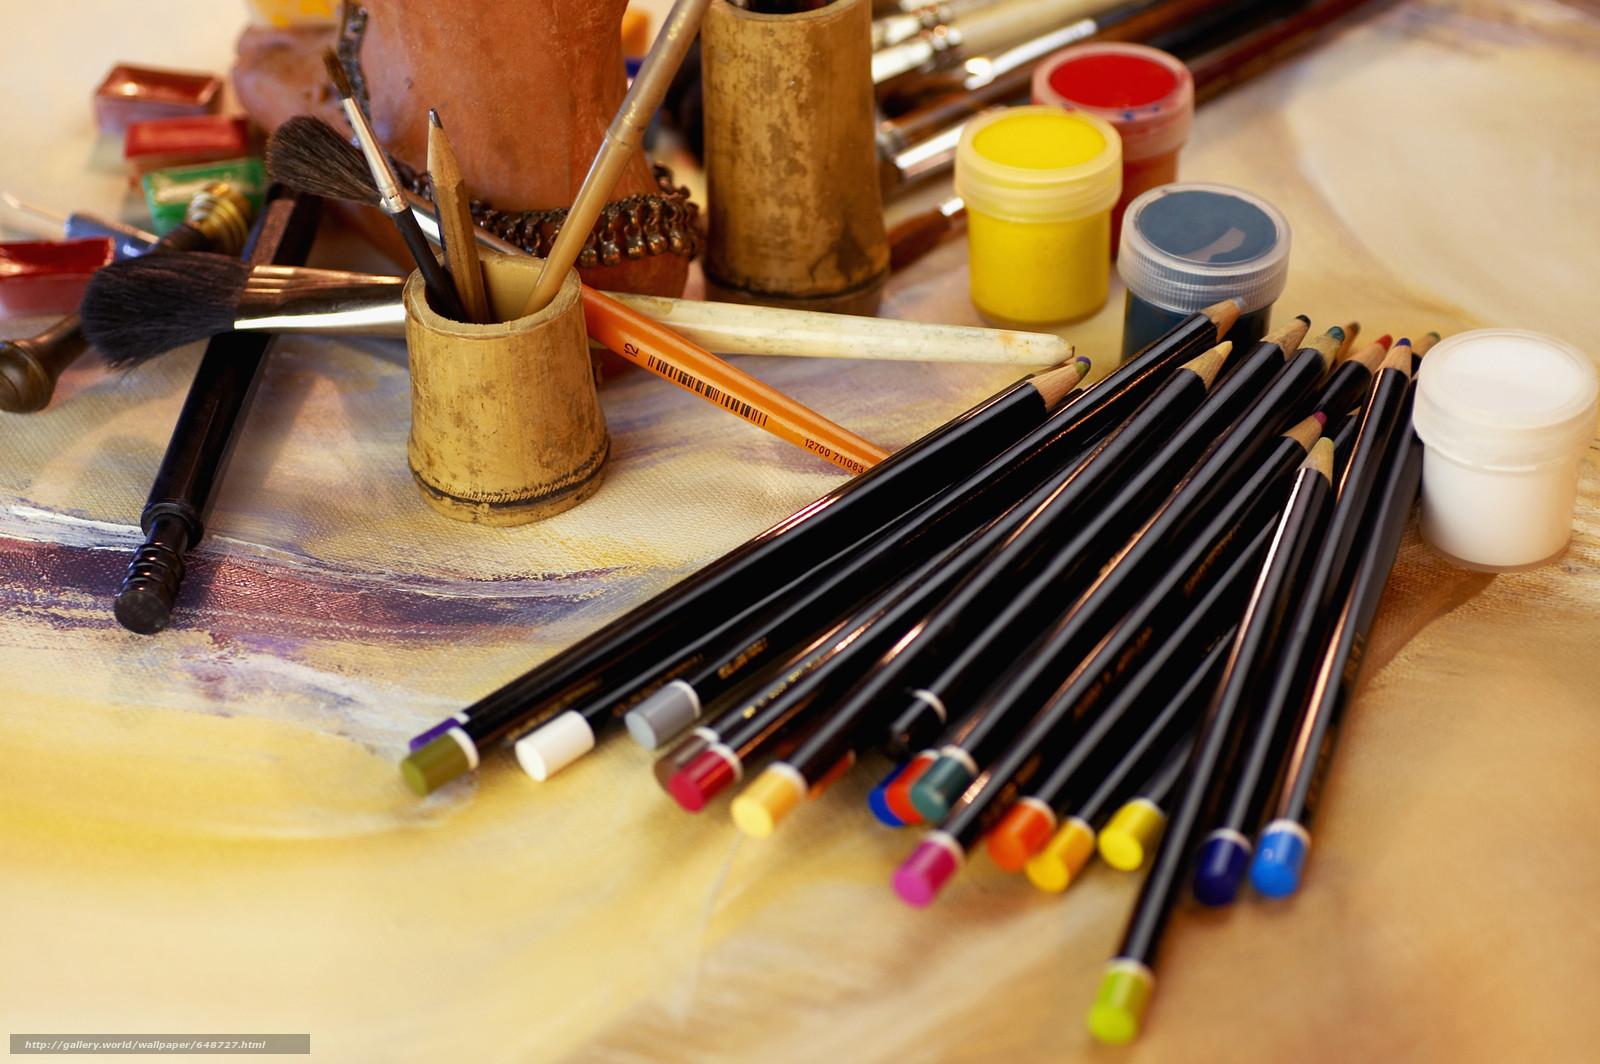 scaricare gli sfondi Cartoleria,  per gli artisti,  vernici,  COLORE Sfondi gratis per la risoluzione del desktop 5475x3640 — immagine №648727